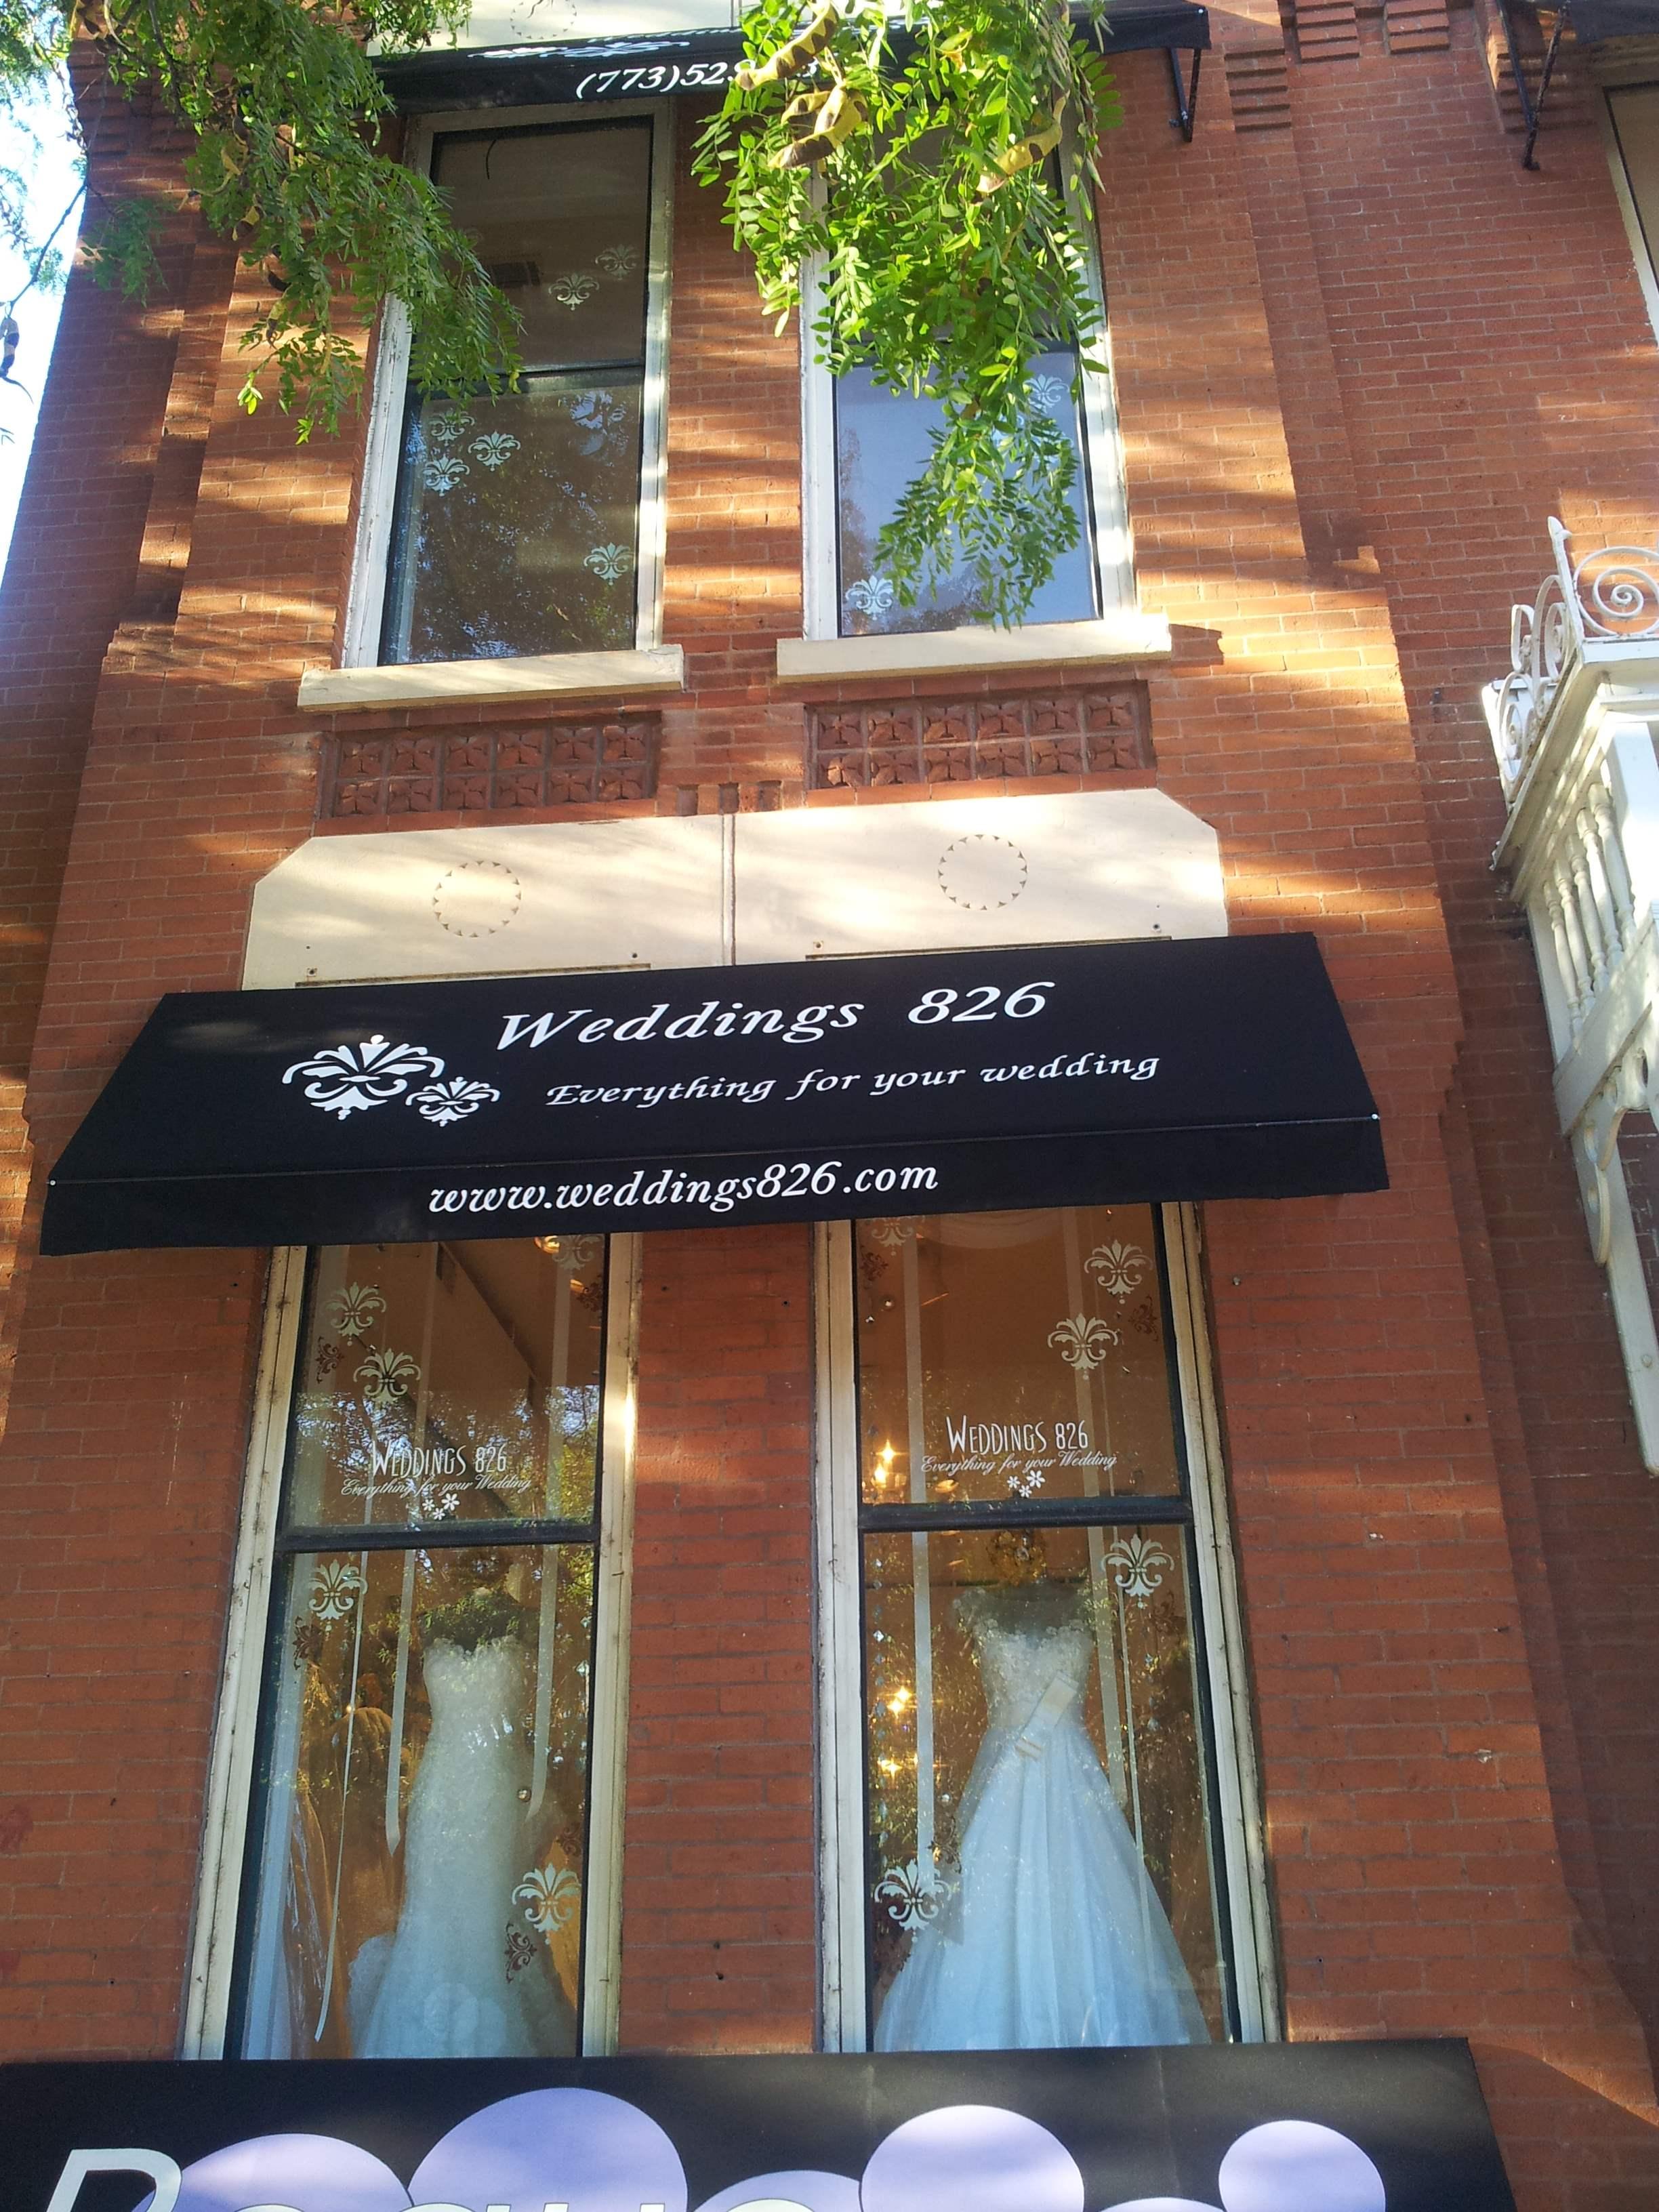 Wedding 826.jpg